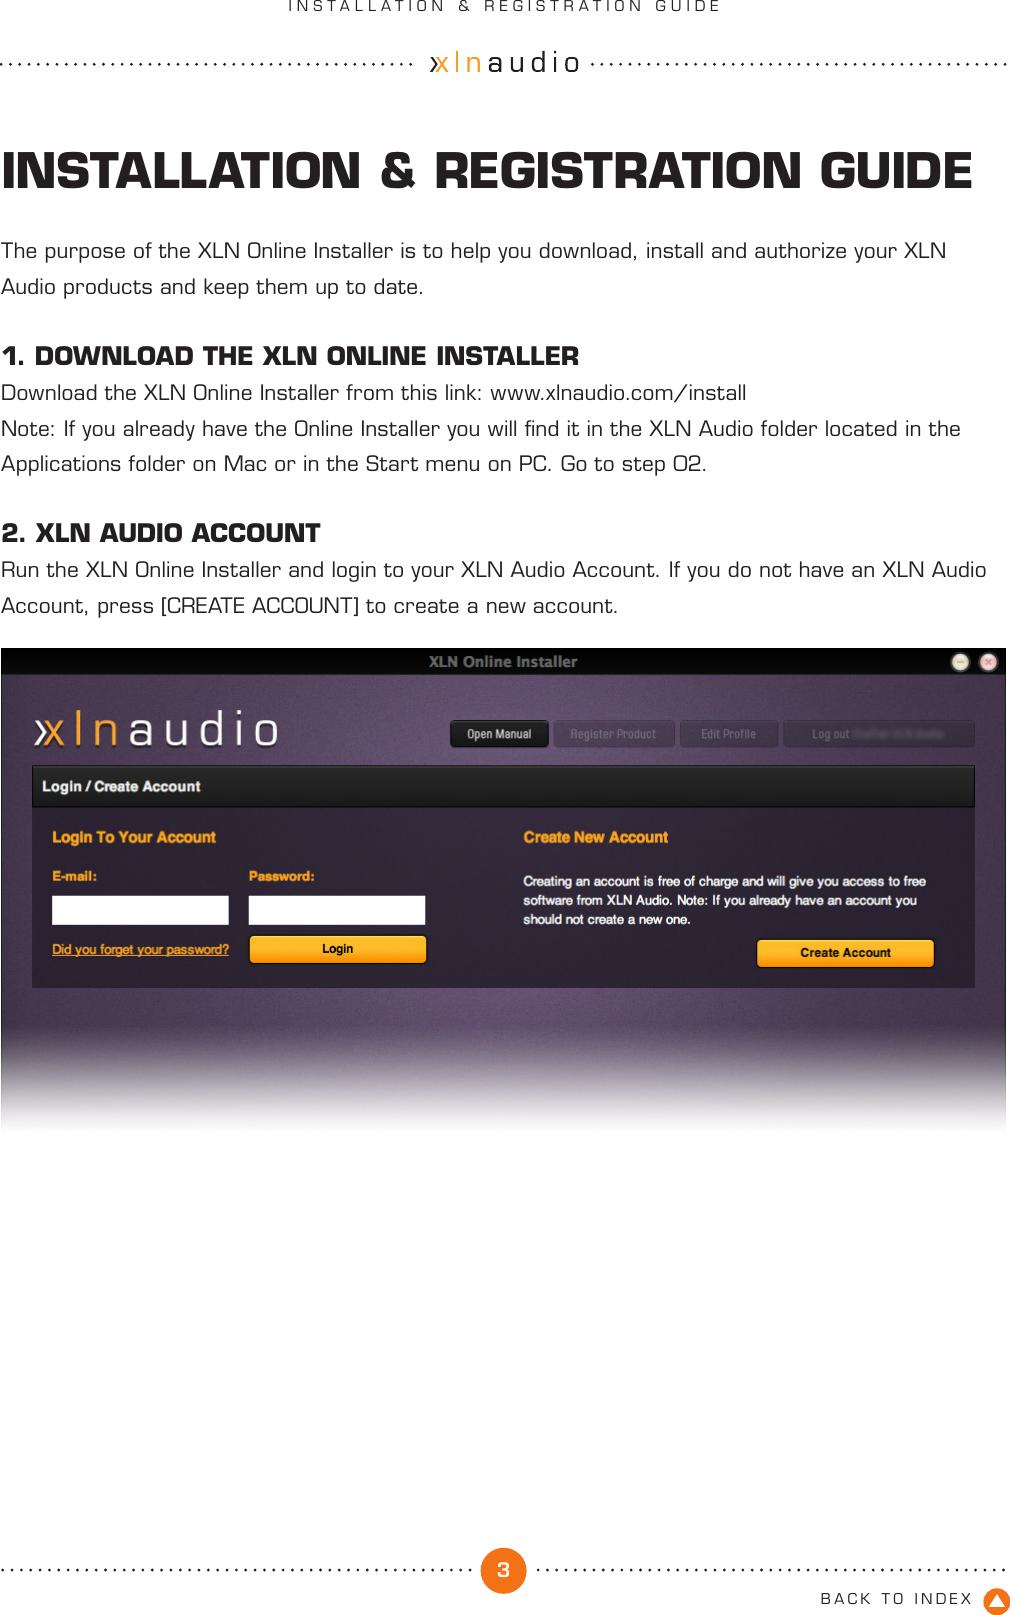 XLN Installation & Registration Guide